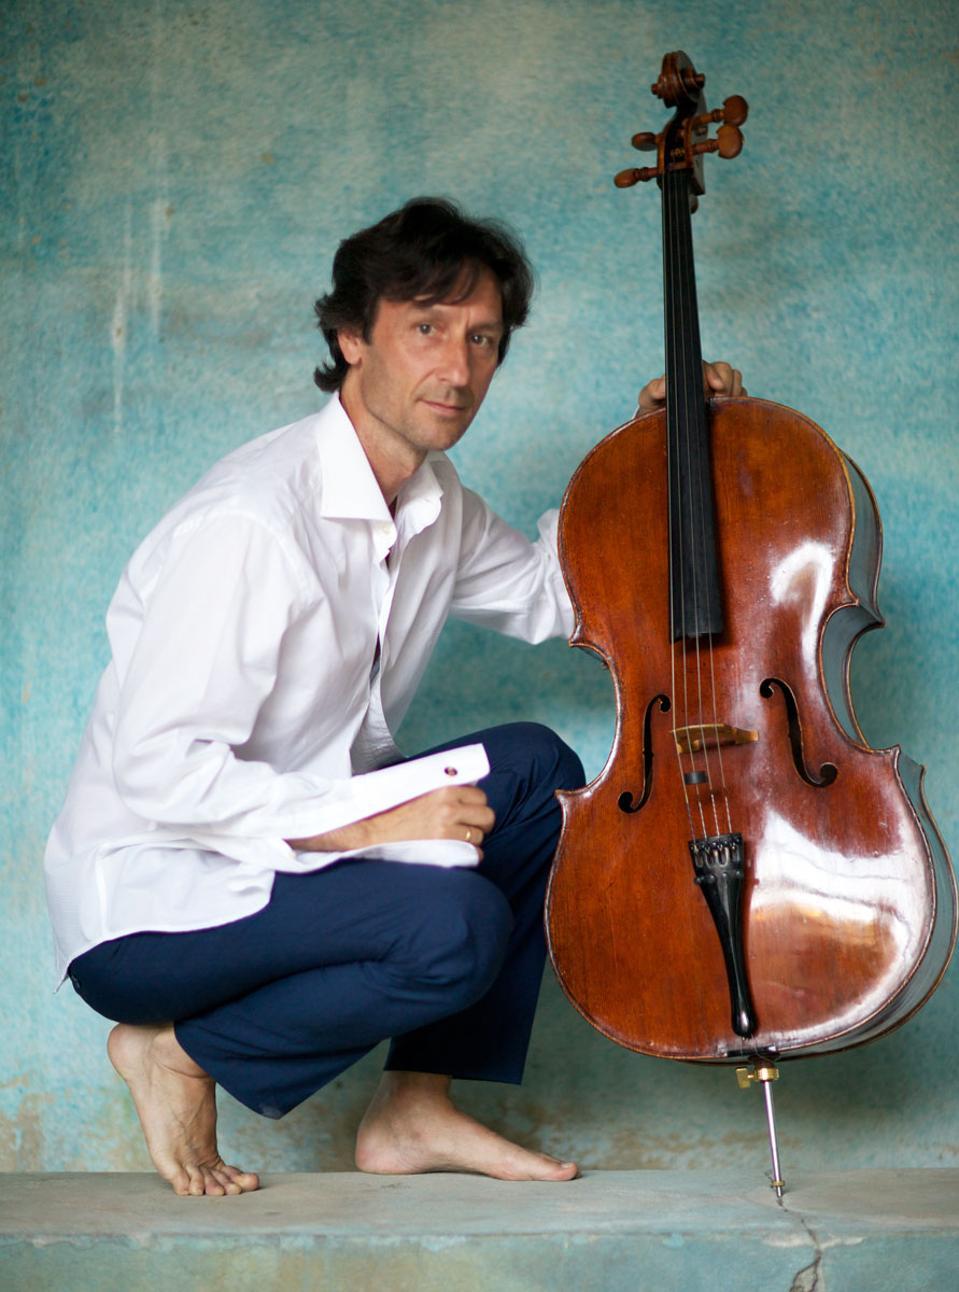 seniman musik